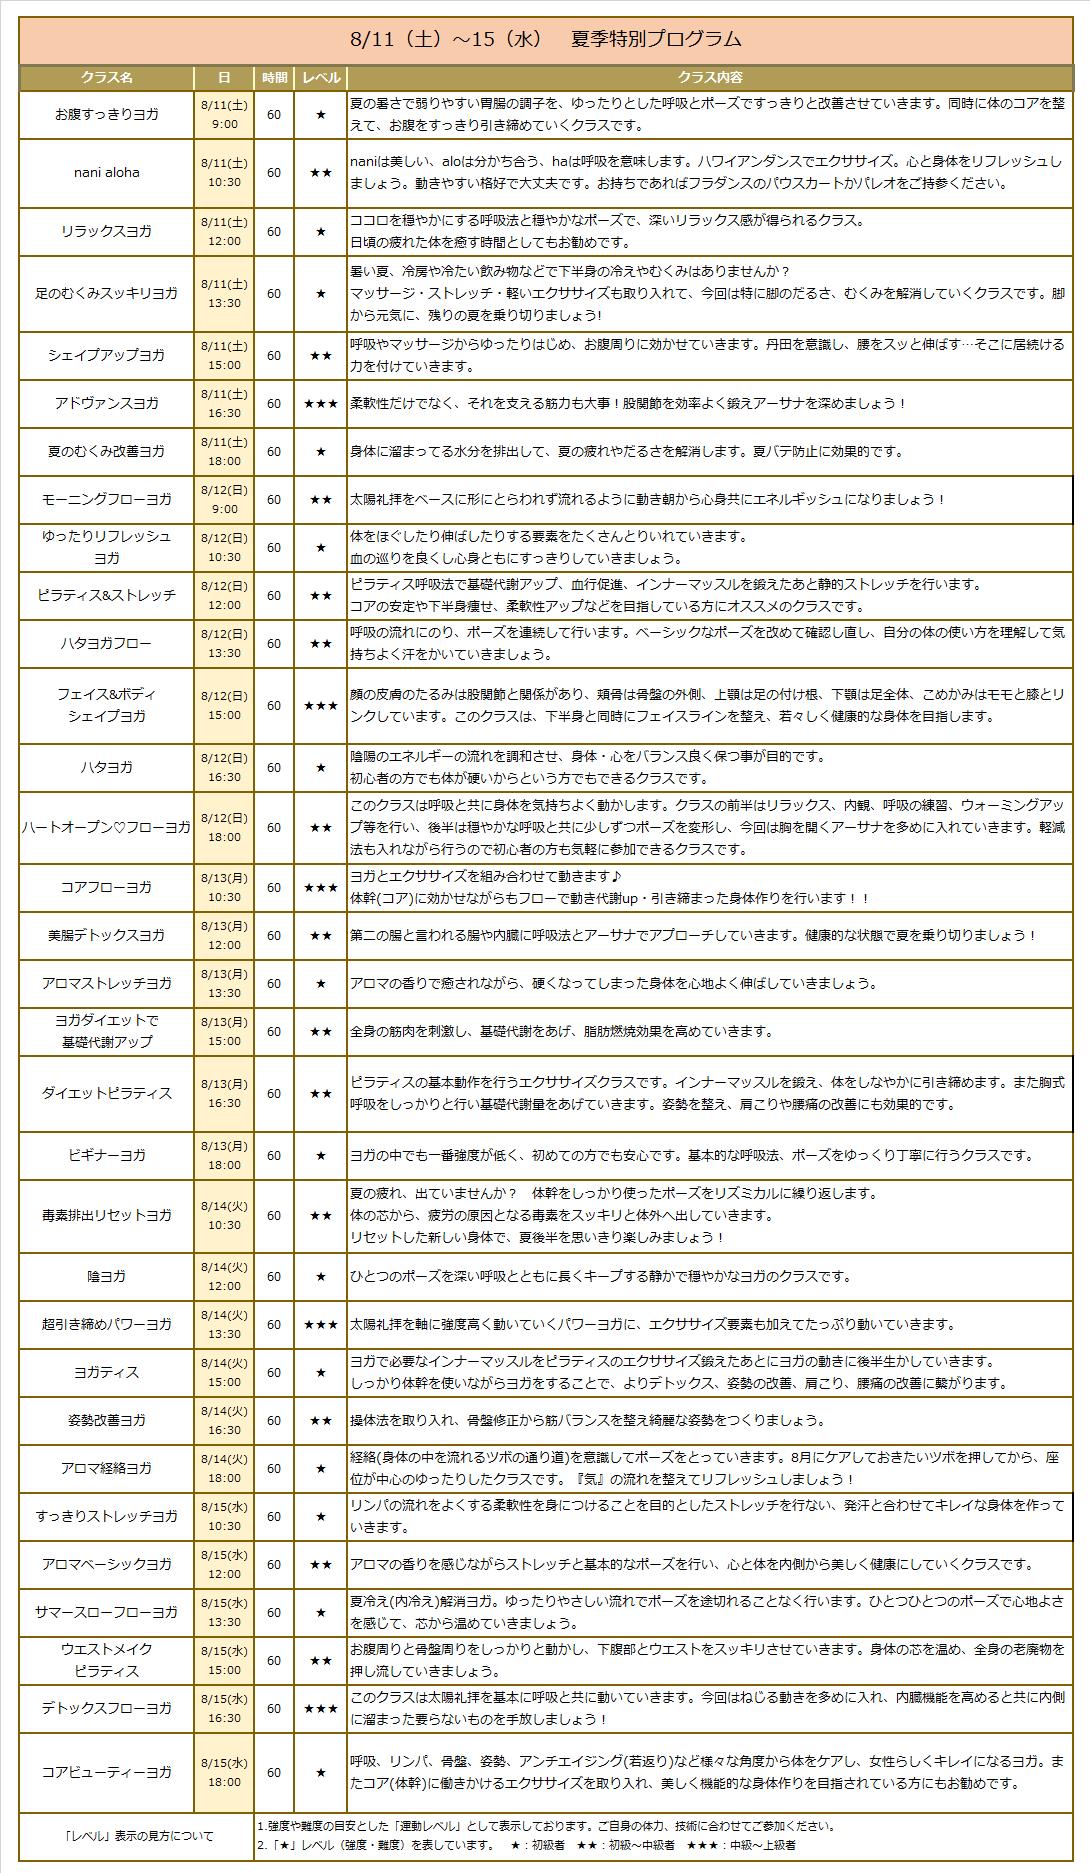 180717 2018夏季特別プログラム【新宿】裏面